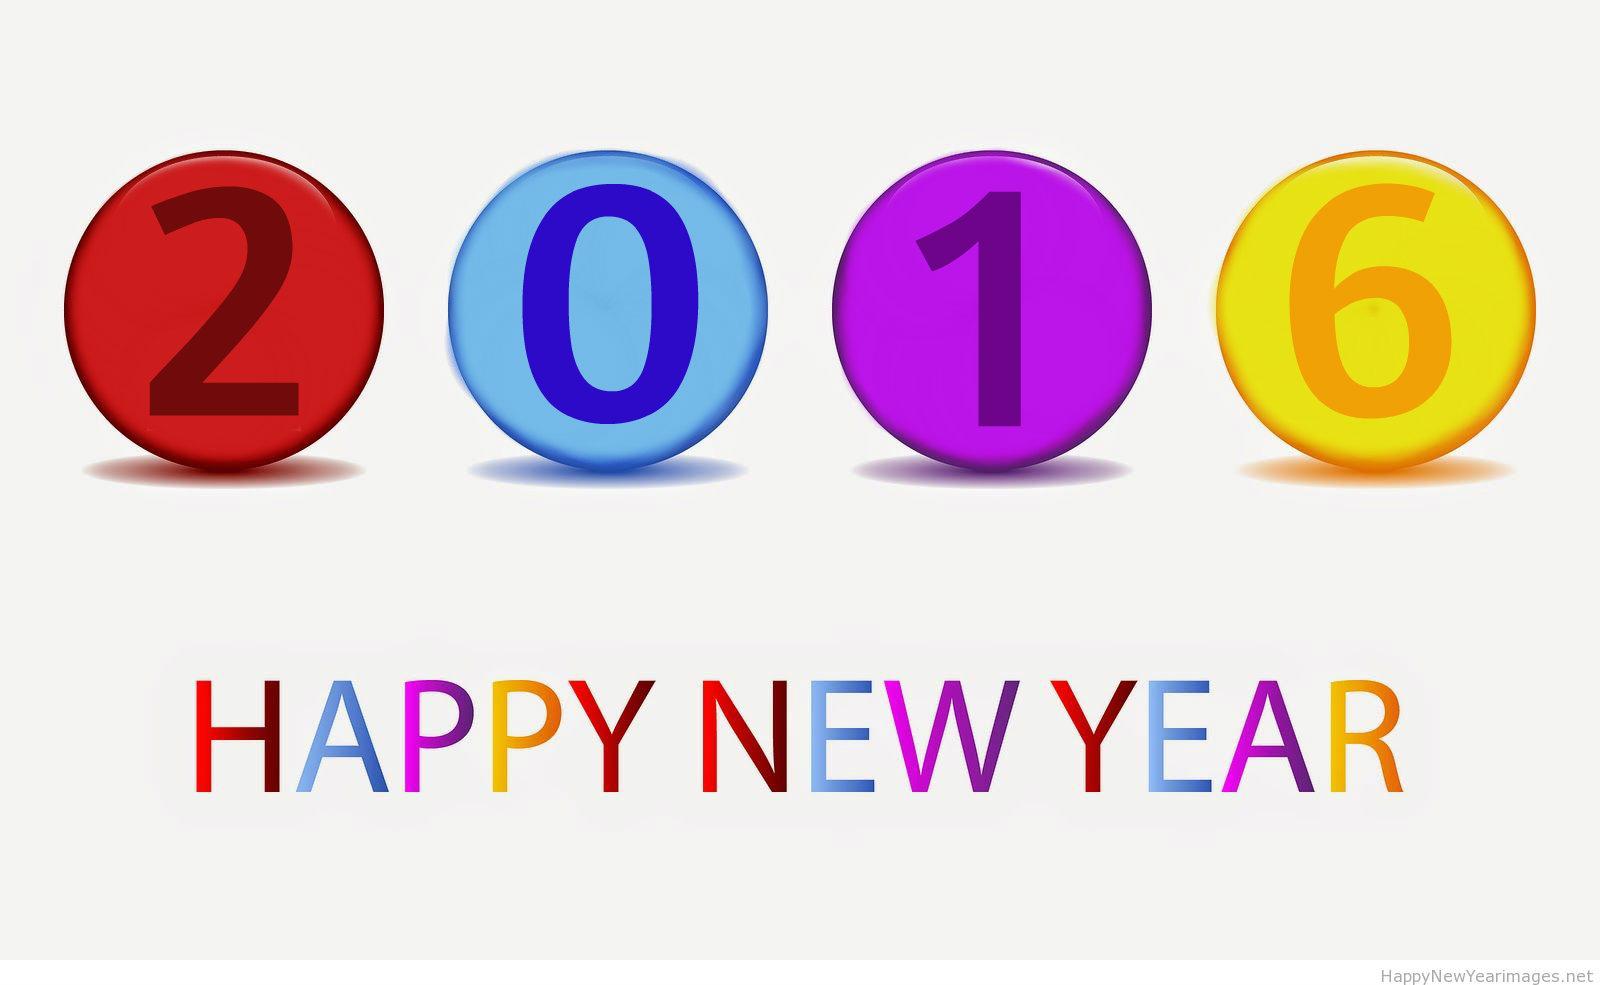 TRUSTWORTHY SAYINGS: Happy New Year 2016